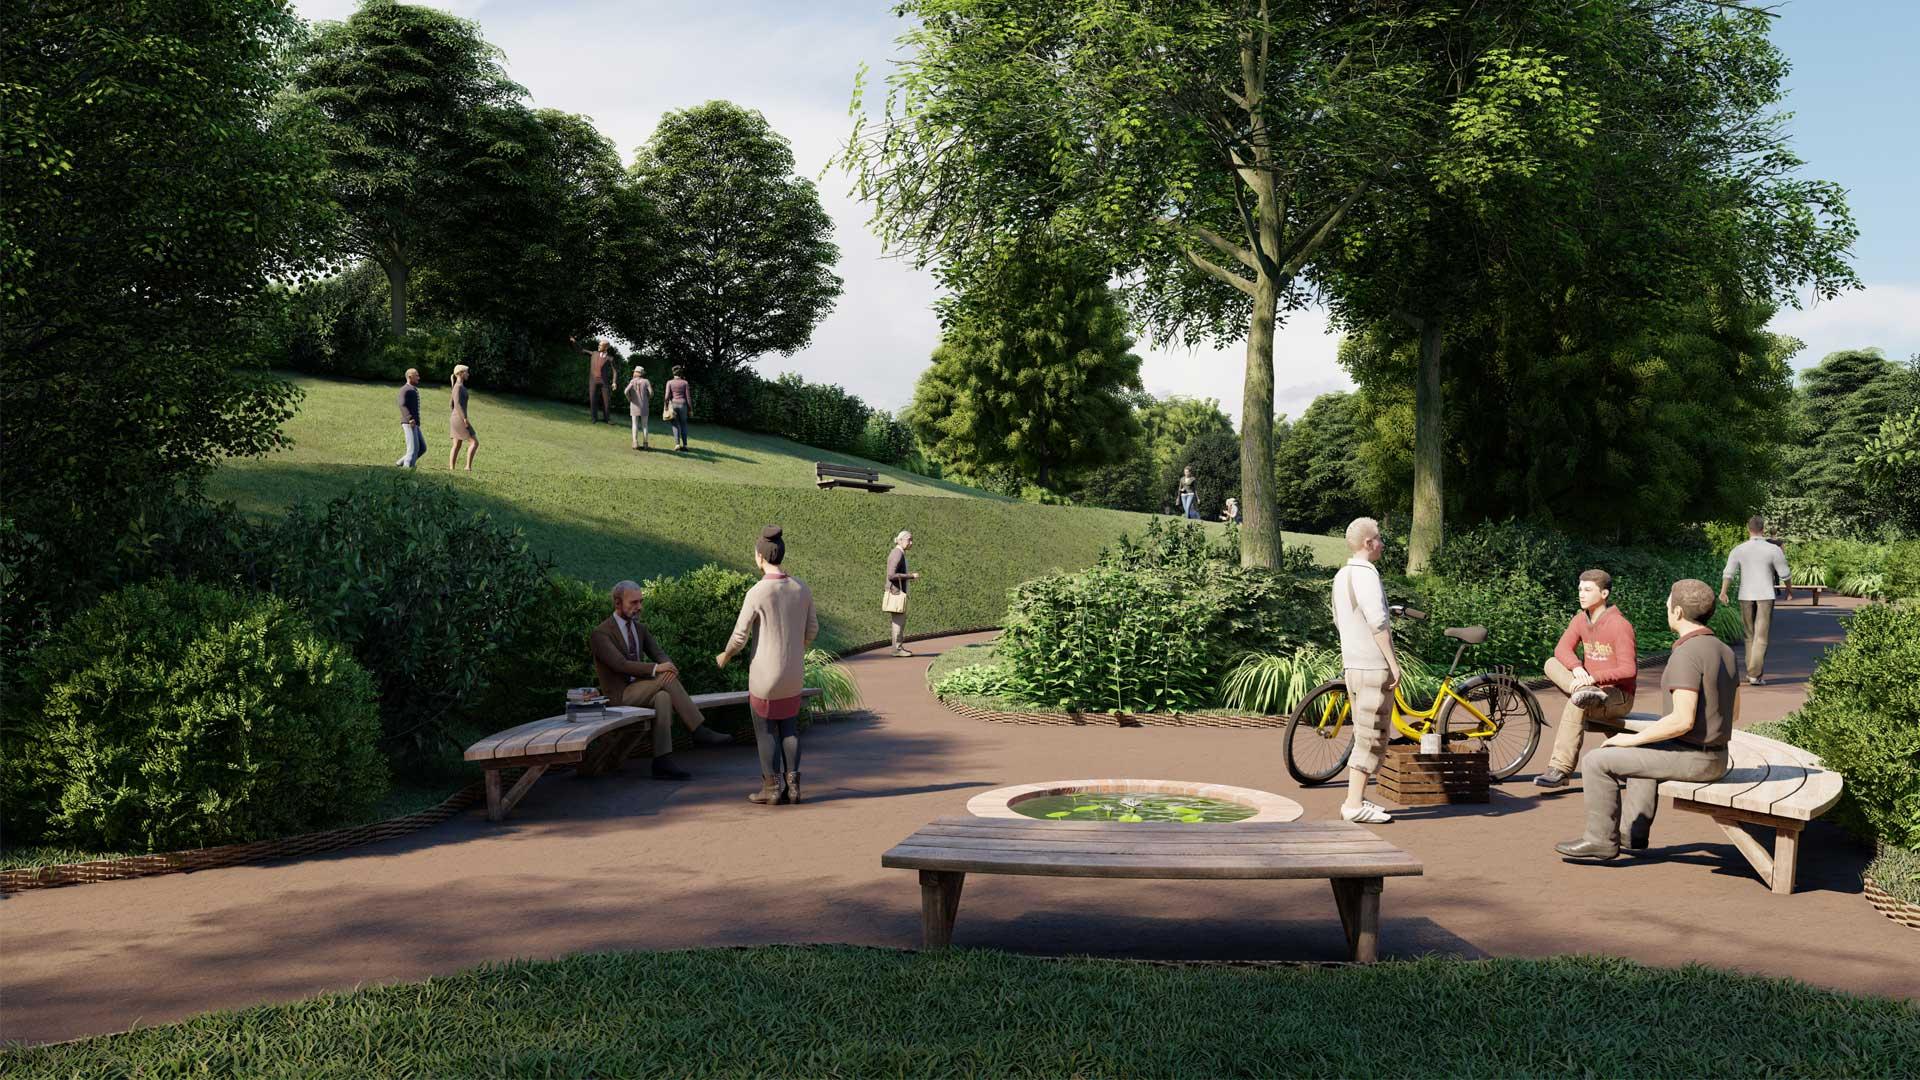 Giardini-terapeutici-riconnessione-natura